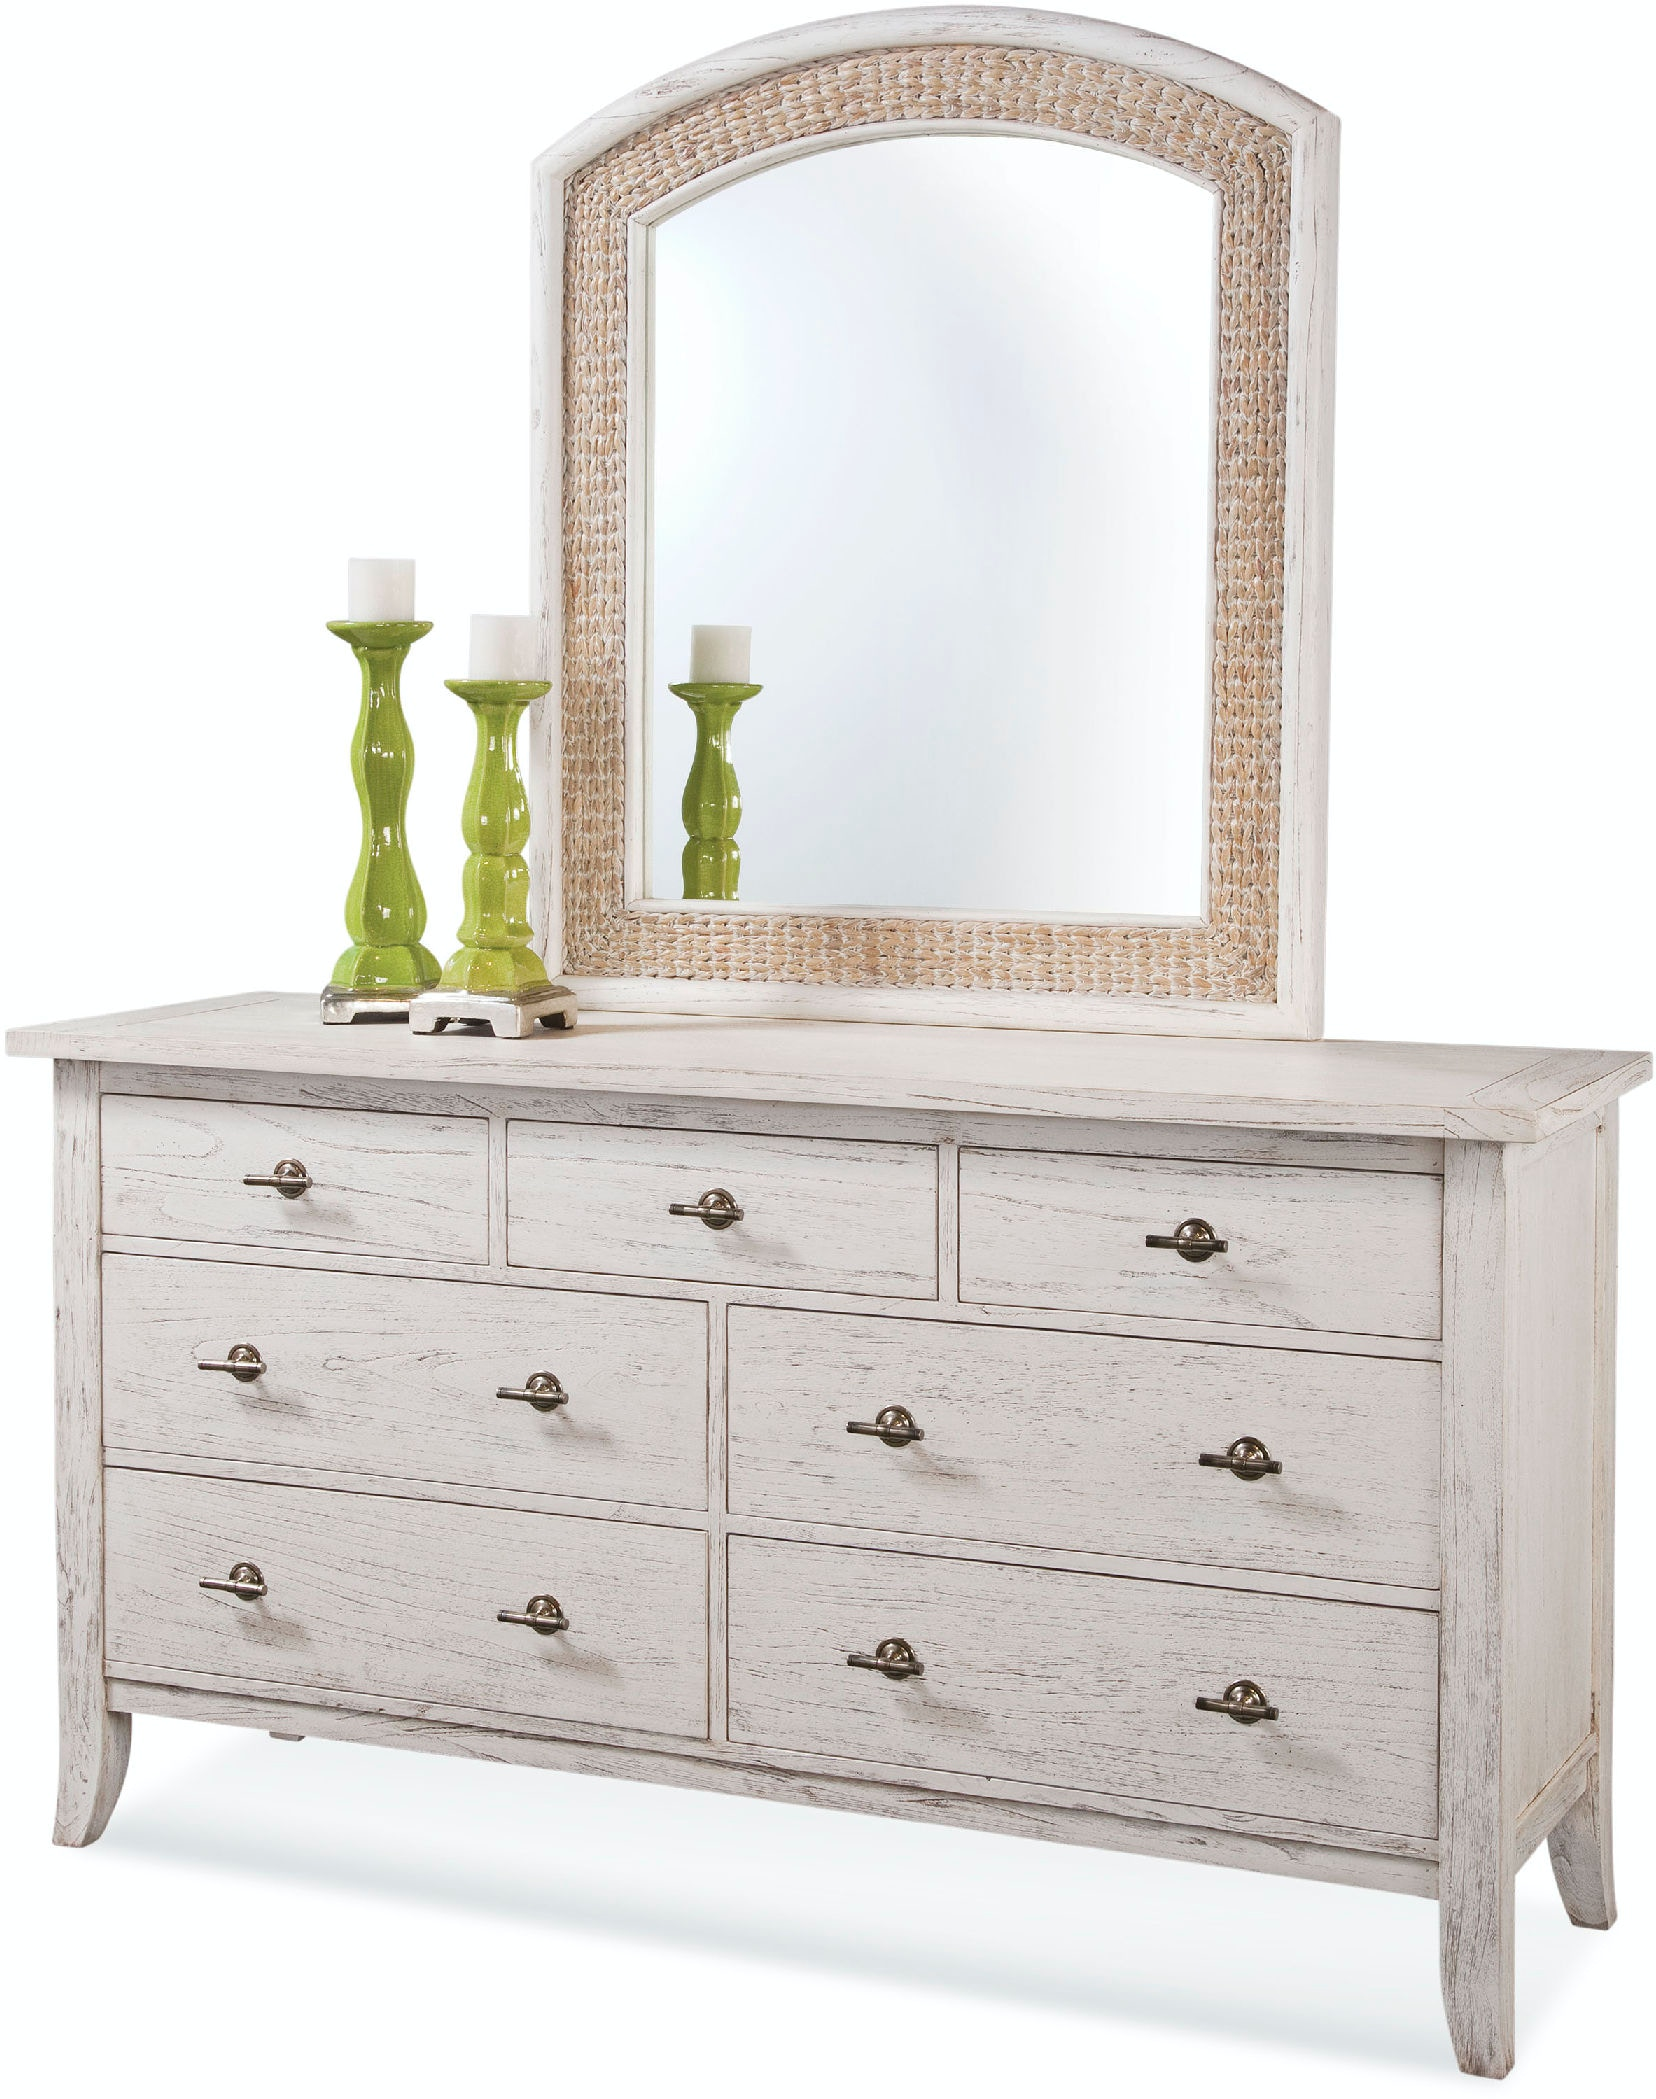 Fairwind Dresser 2932-141